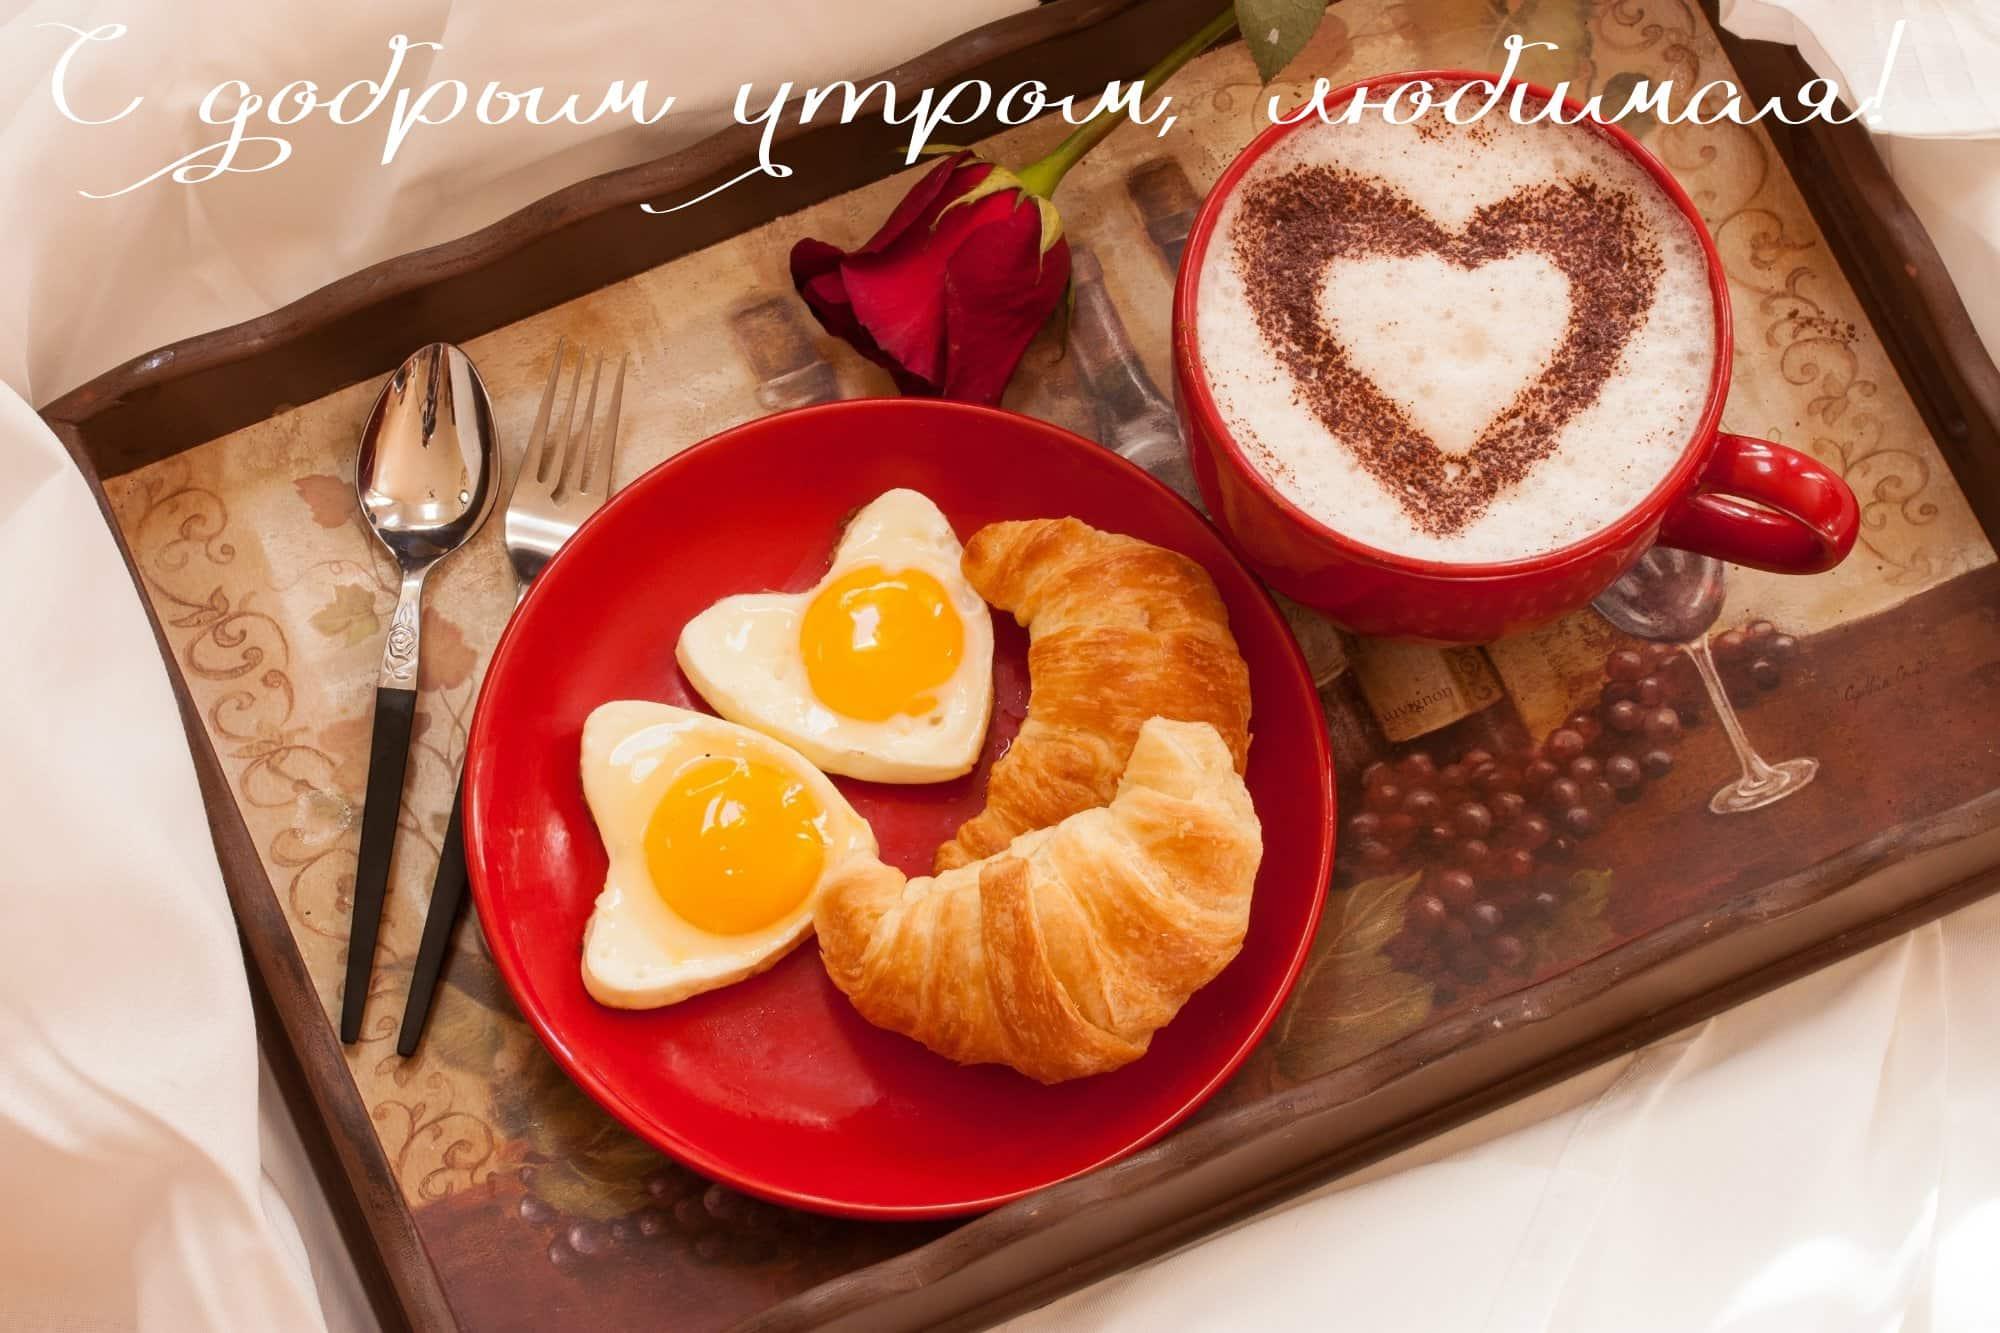 Романтическая картинка с добрым утром, любимая